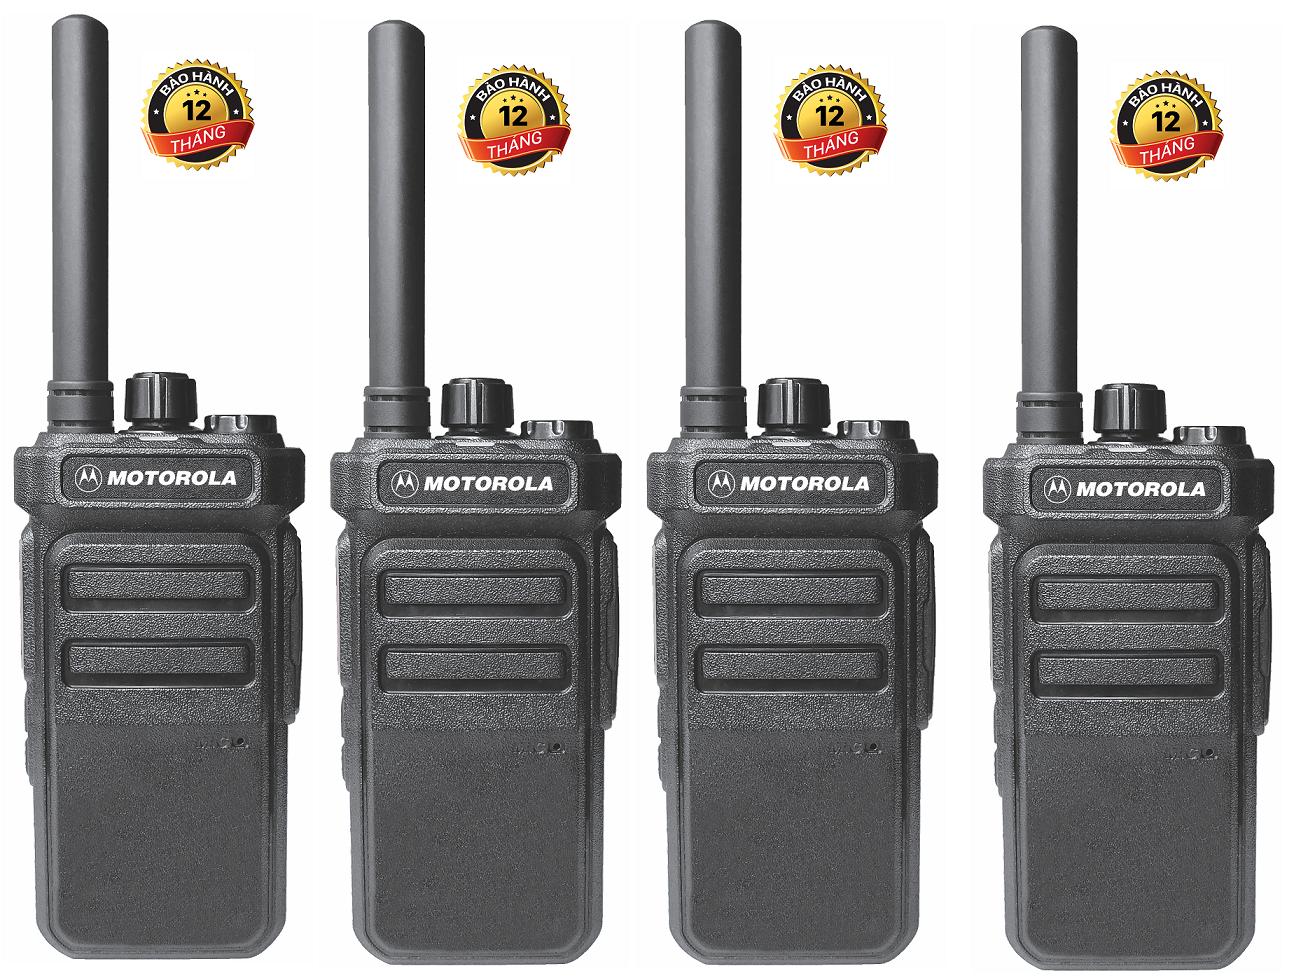 Bộ 4 Bộ đàm Motorola CP988 (Nhỏ gọn âm thanh trong, 2 chế độ sạc, Pin dung lượng cao sử dụng lớn hơn 18 tiếng, siêu bền, cự ly liên lạc xa)